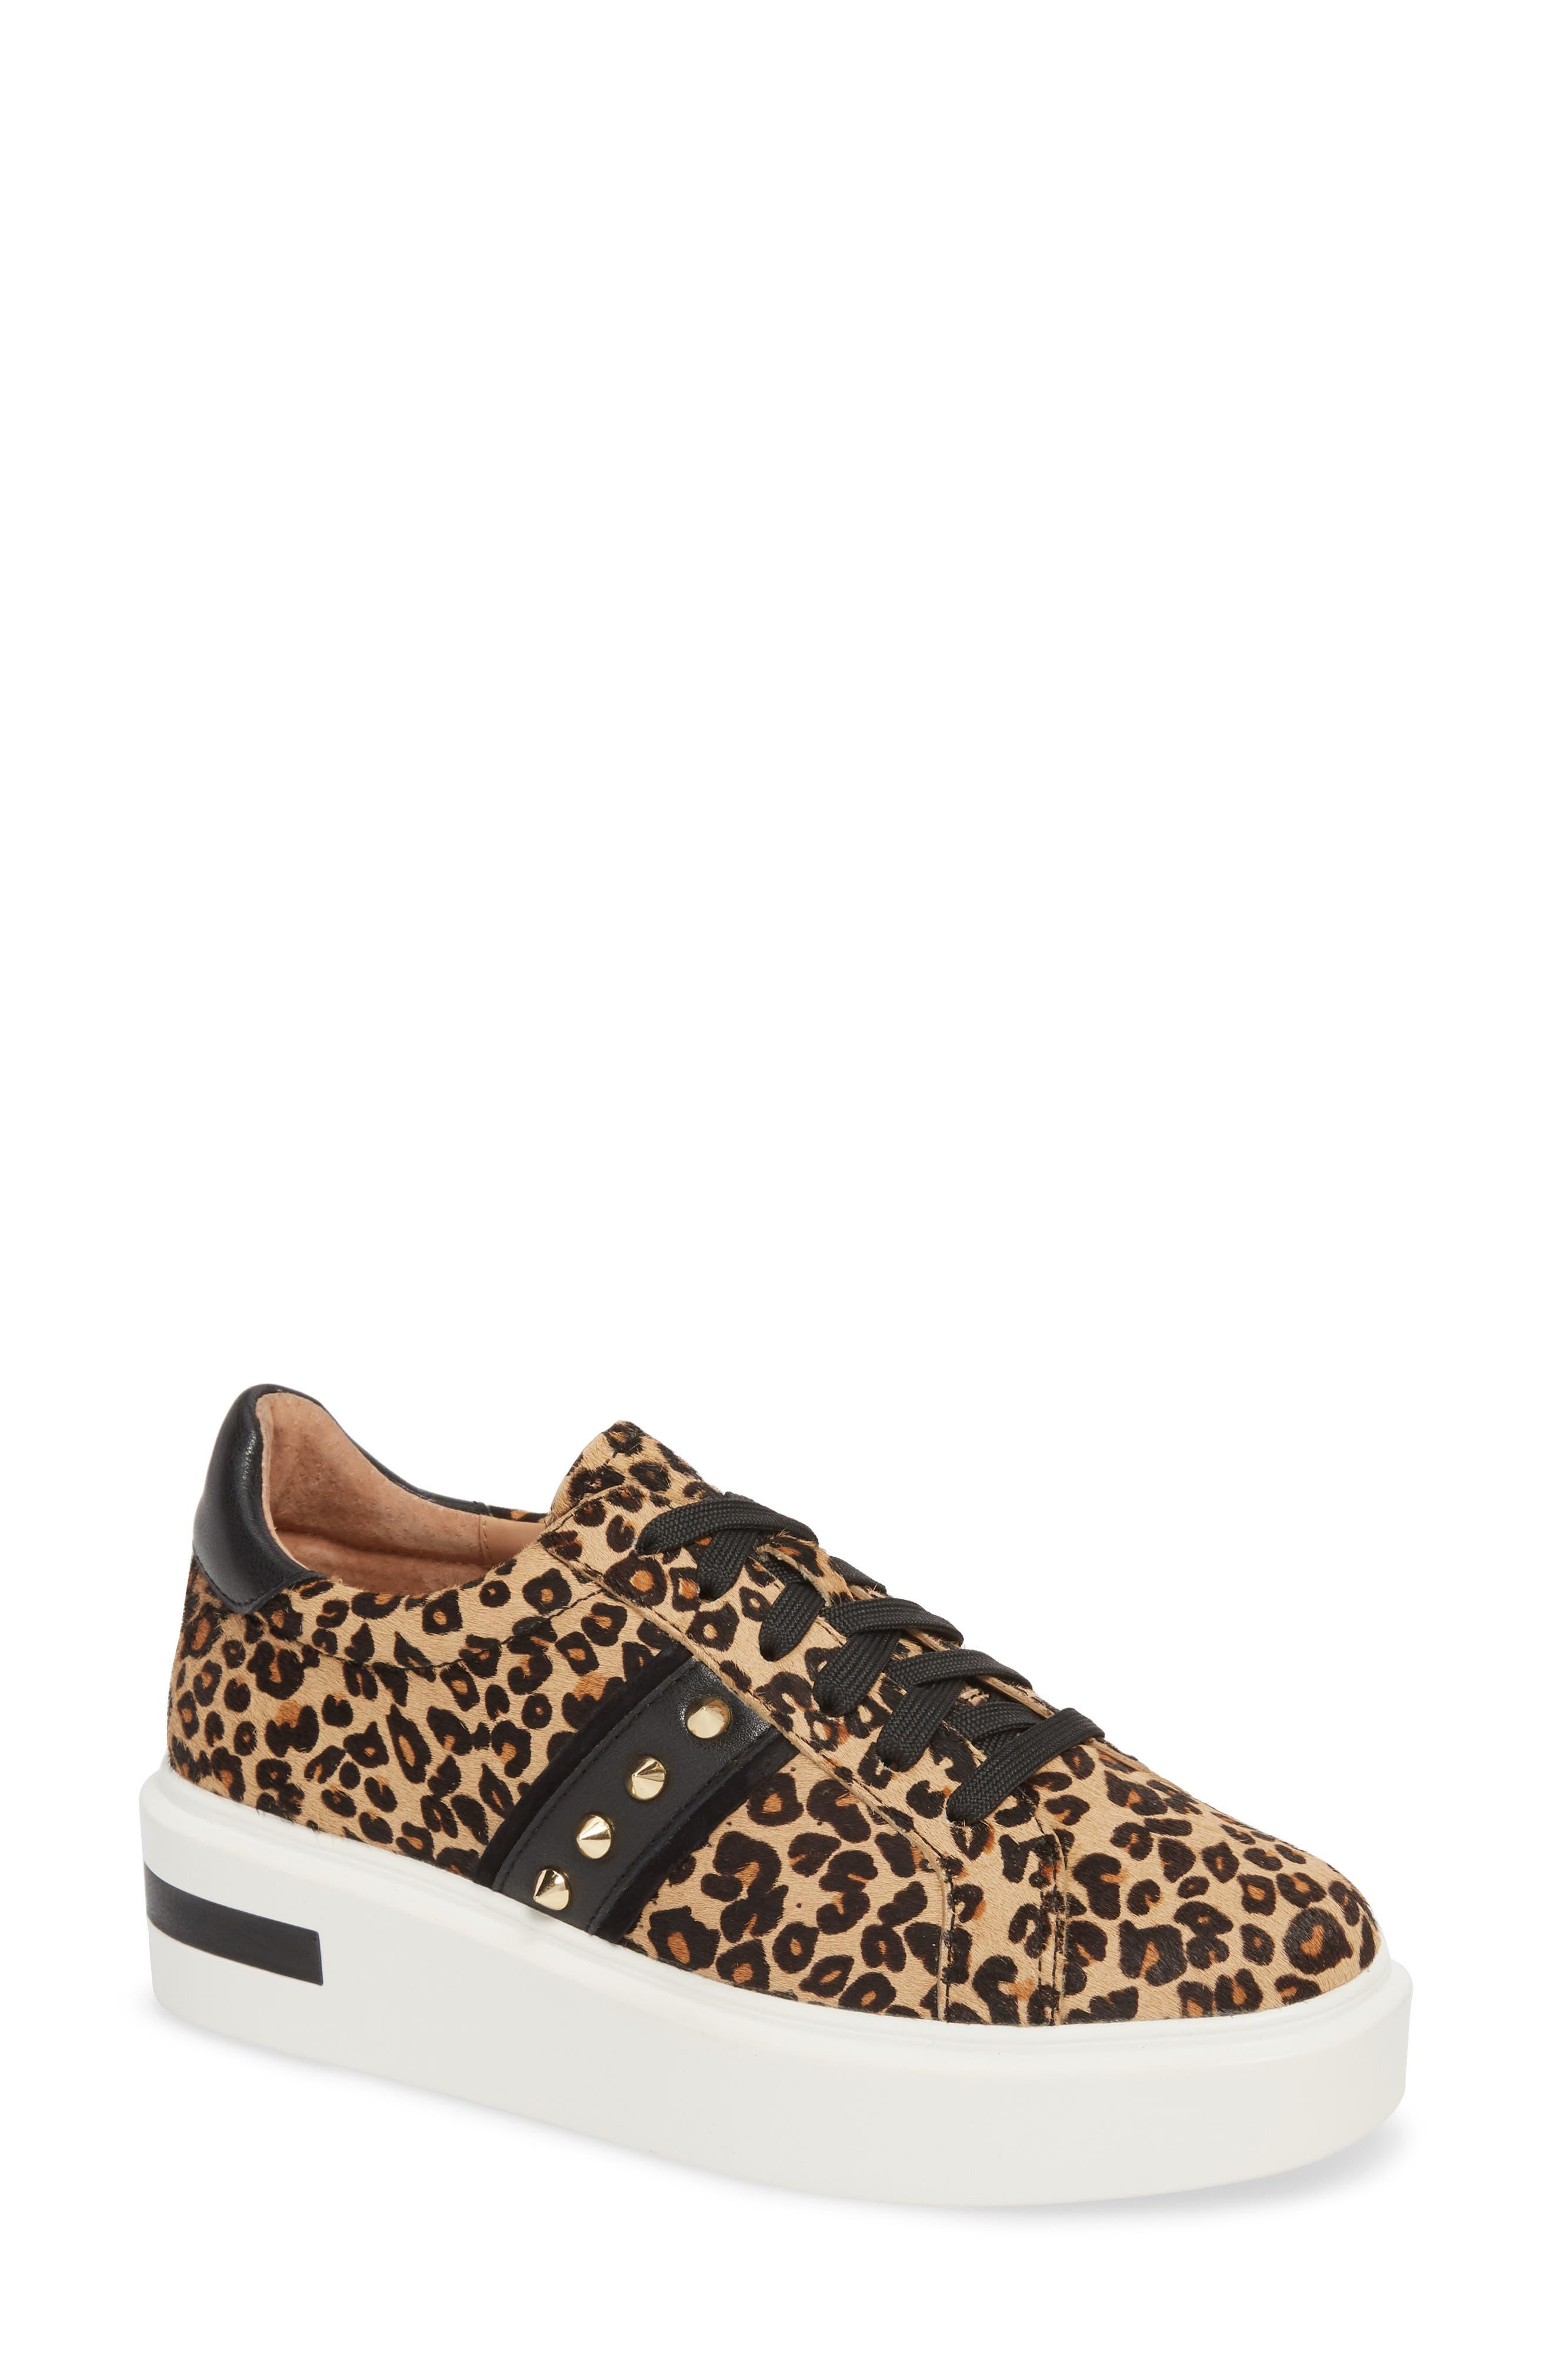 LINEA PAOLO, Knox II Platform Genuine Calf Hair Sneaker, Main thumbnail 1, color, LEOPARD PRINT HAIR CALF